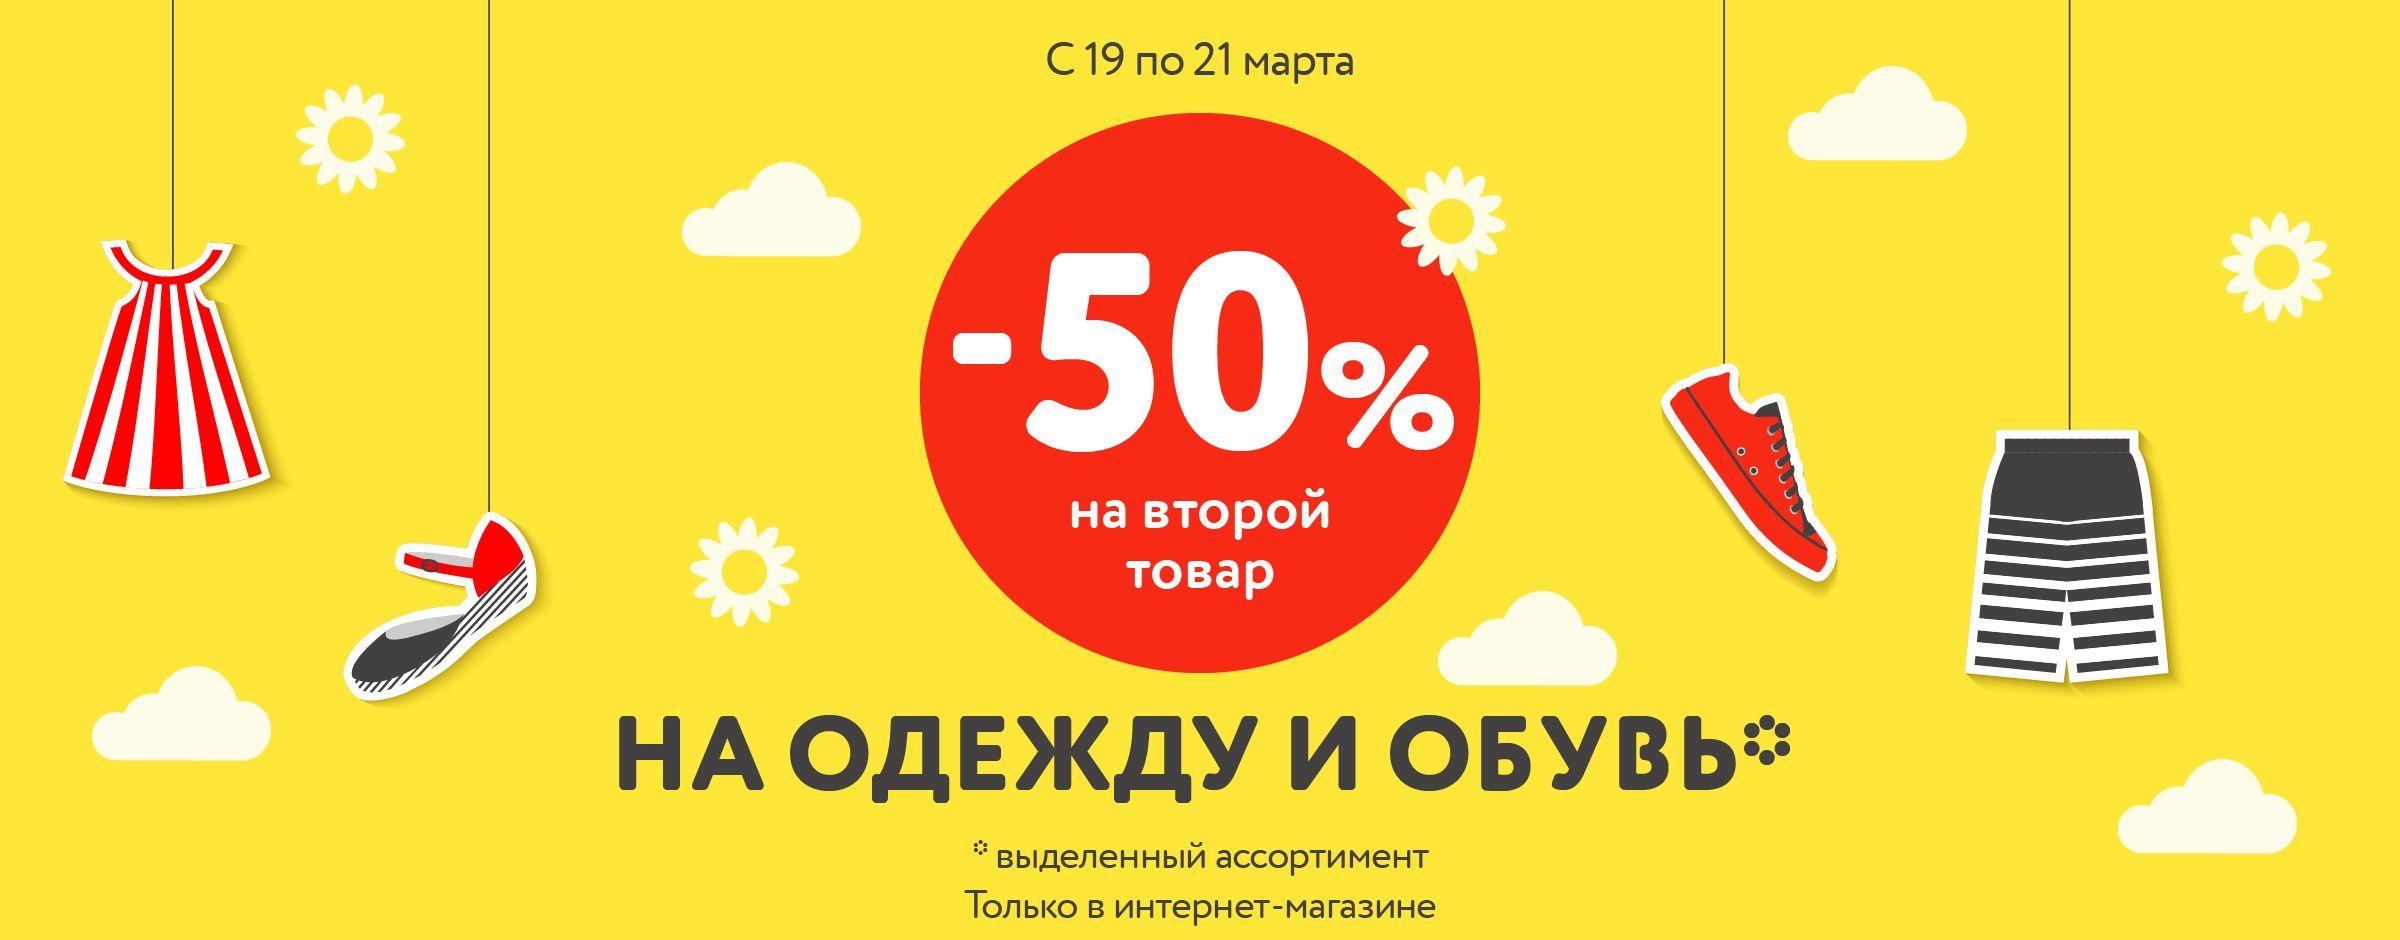 Скидка 50% на второй товар из одежды и обуви